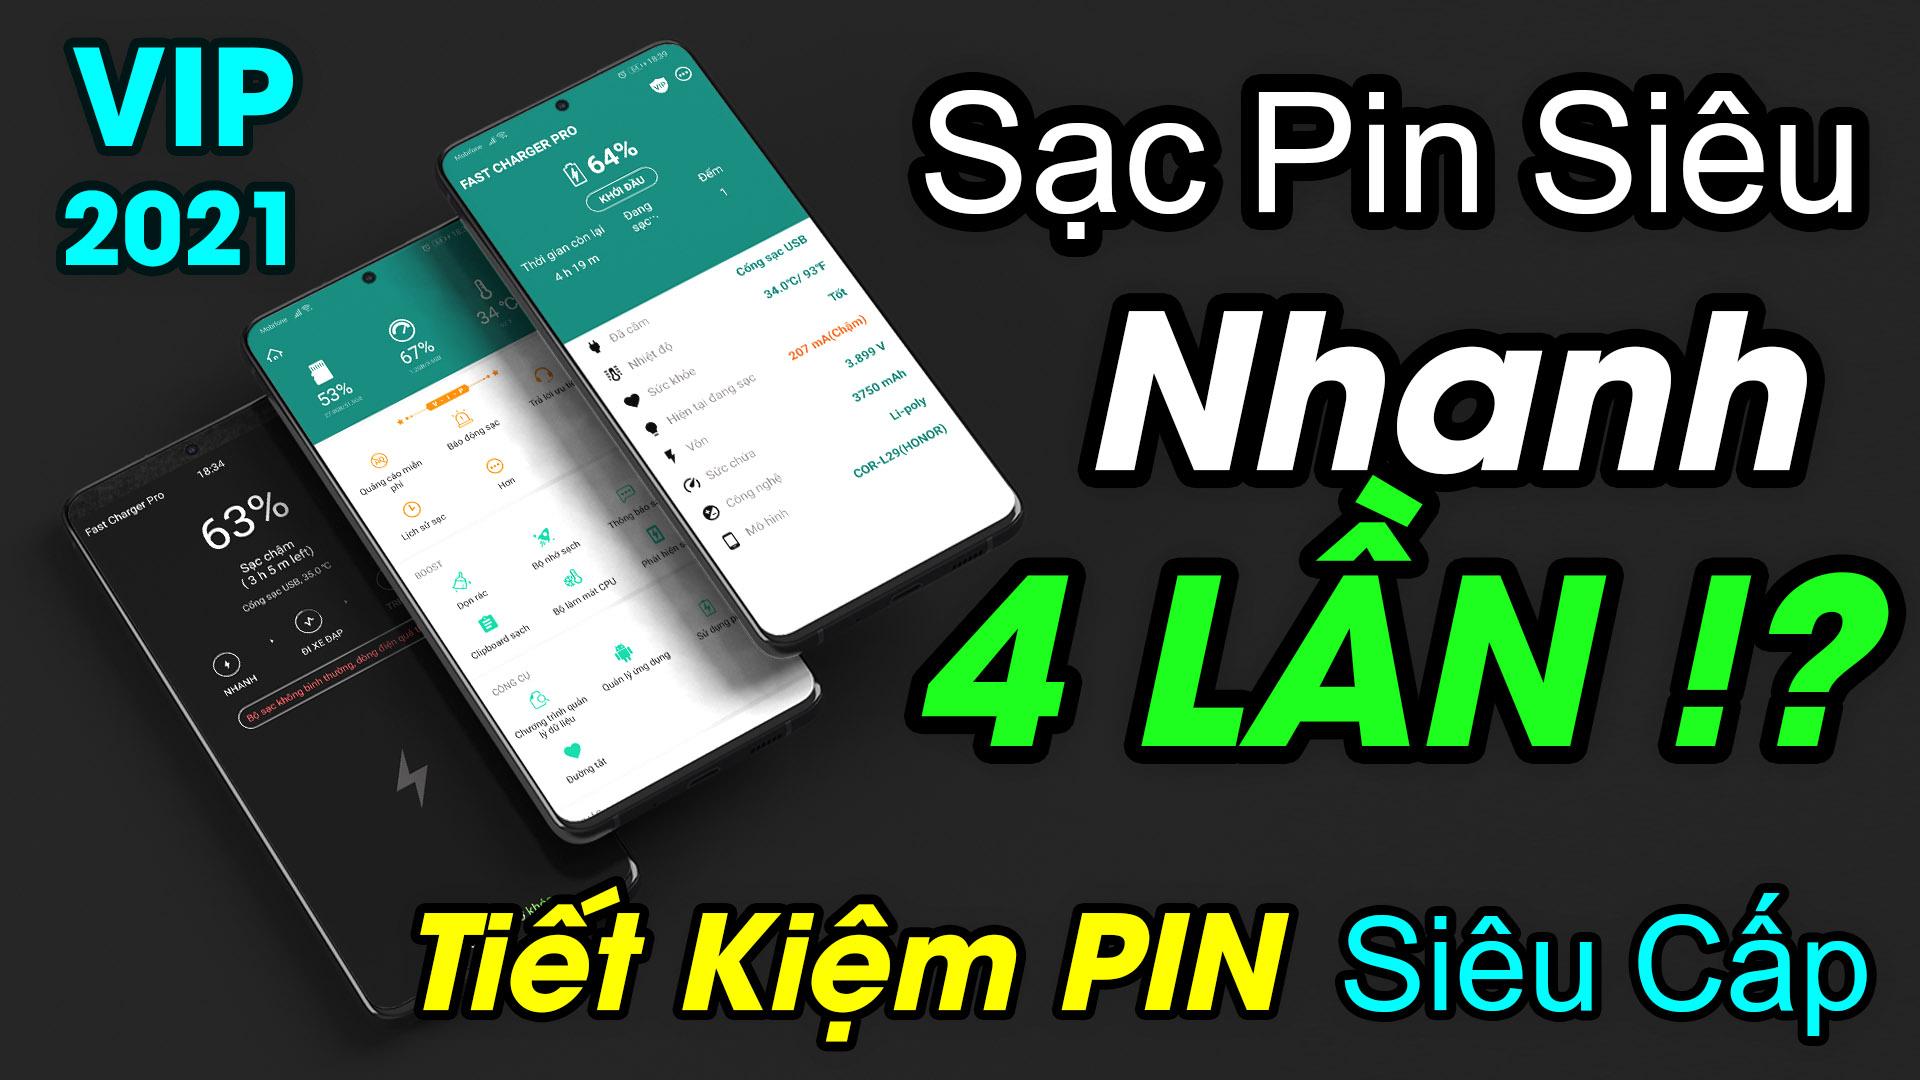 Chia sẻ Ứng dụng tăng tốc độ sạc và tiết kiệm PIN tốt nhất cho điện thoại Android